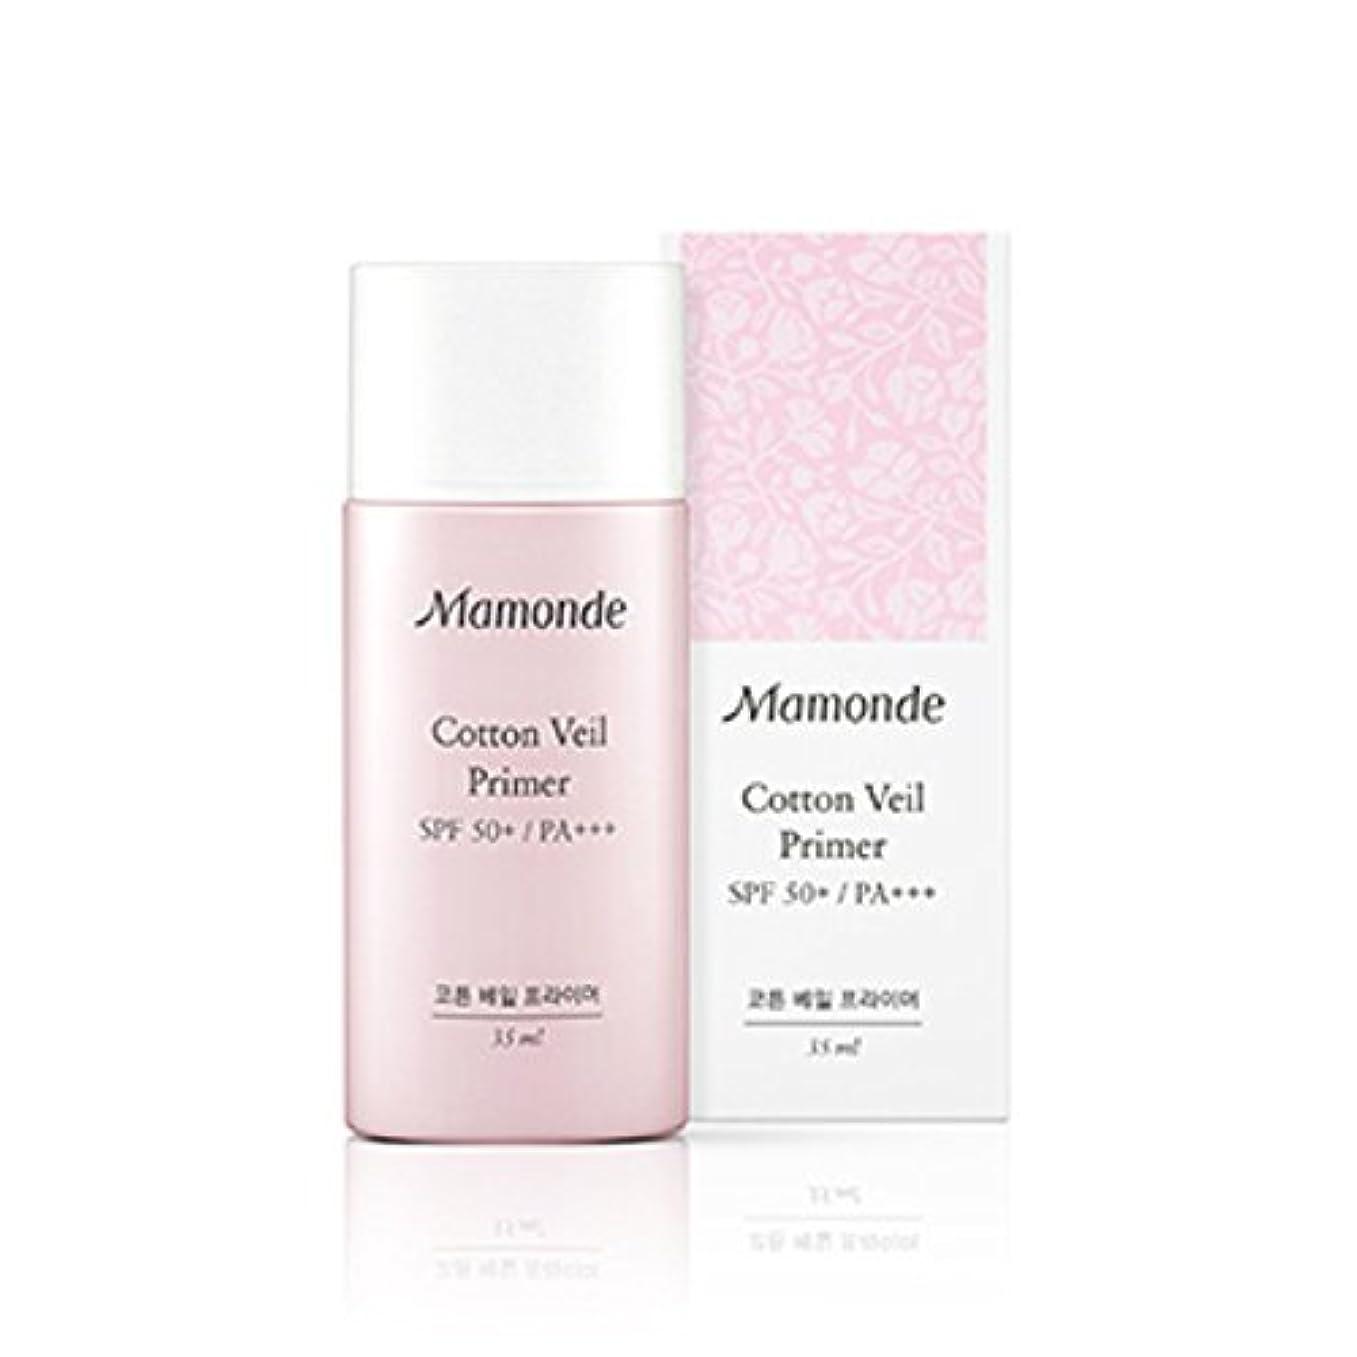 のぞき穴前者ふさわしい[New] Mamonde Cotton Veil Primer (SPF50+ PA+++) 35ml/マモンド コットン ベール プライマー (SPF50+ PA+++) 35ml (#1 Lilac Purple)...